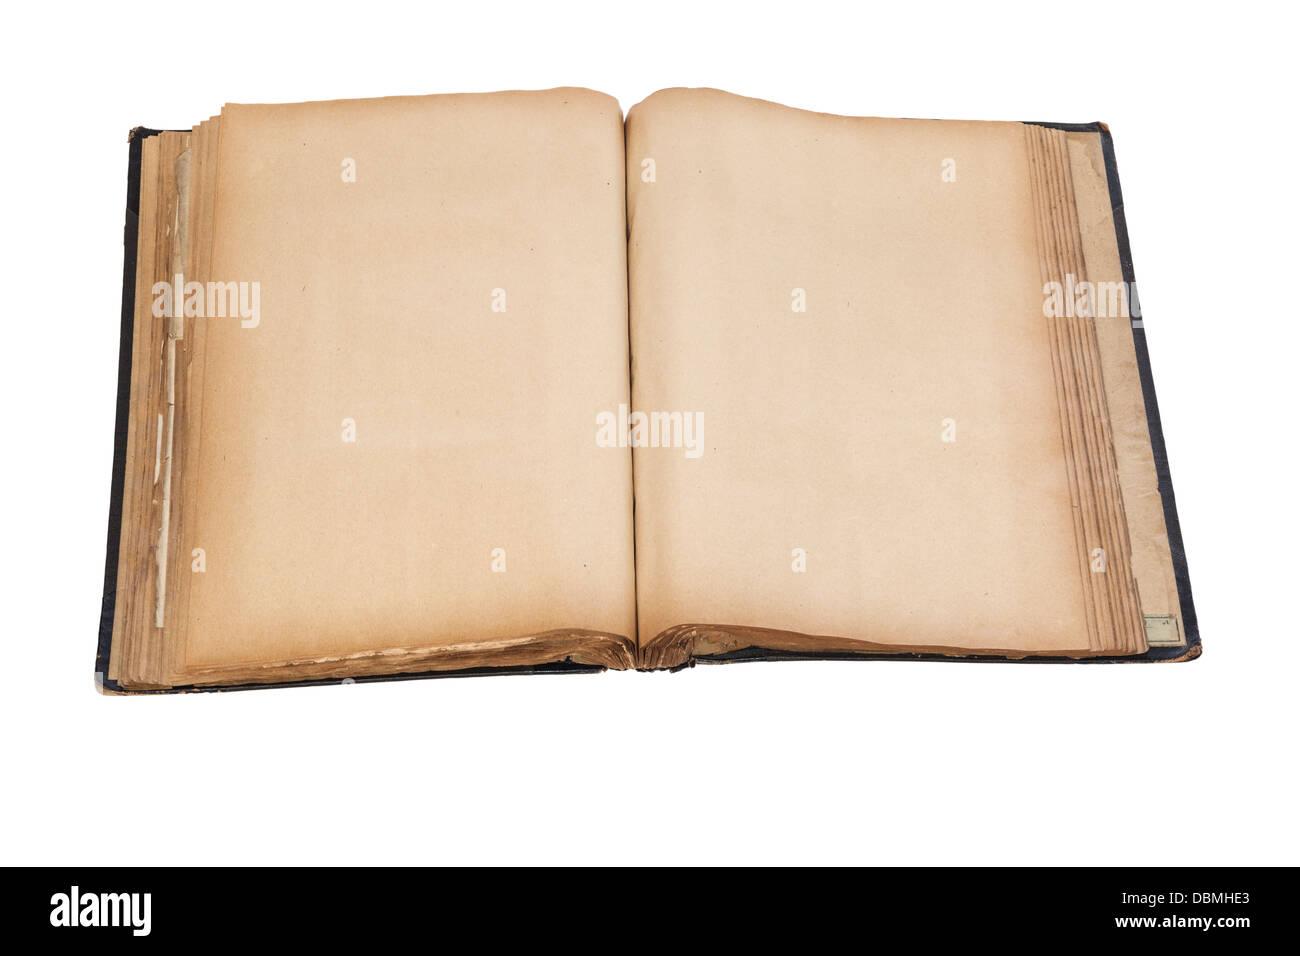 La chatarra vieja Libro - la chatarra vieja libro o álbum, más de 100 años de antigüedad, abierto Imagen De Stock